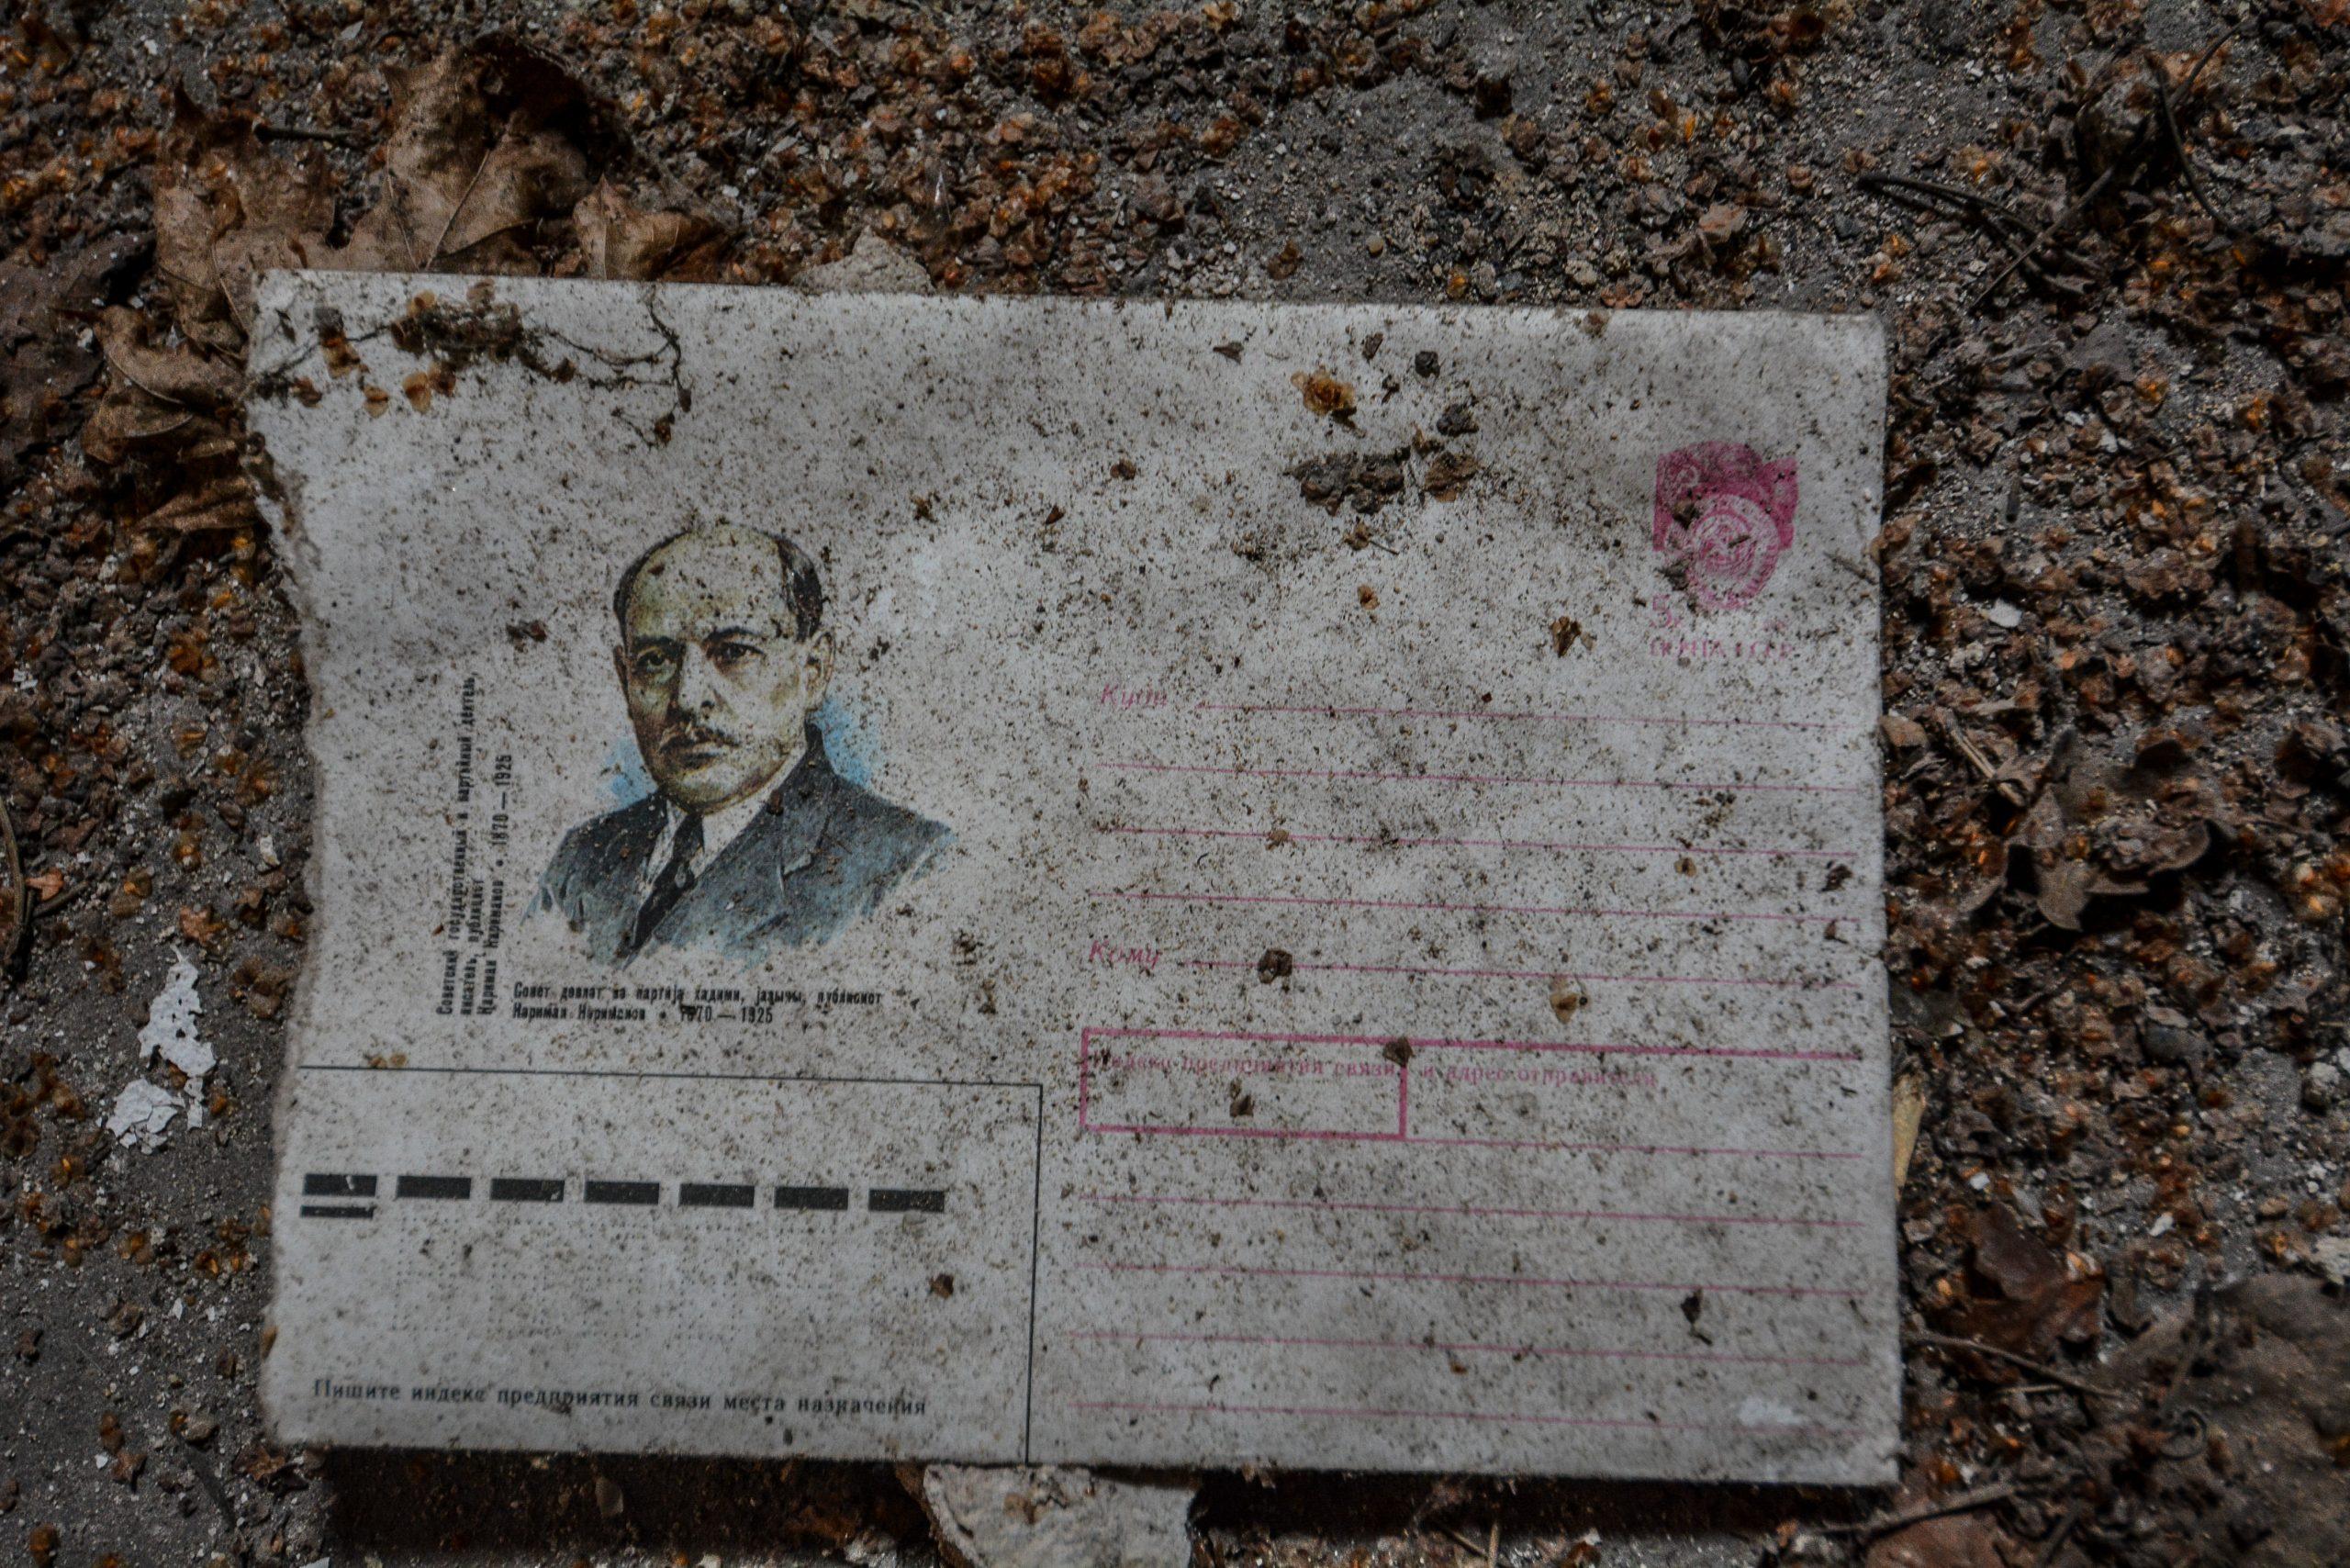 Nariman Narimanov forst zinna adolf hitler lager luckenwalde juterbog sowjet kaserne soviet military barracks germany lost places urbex abandoned